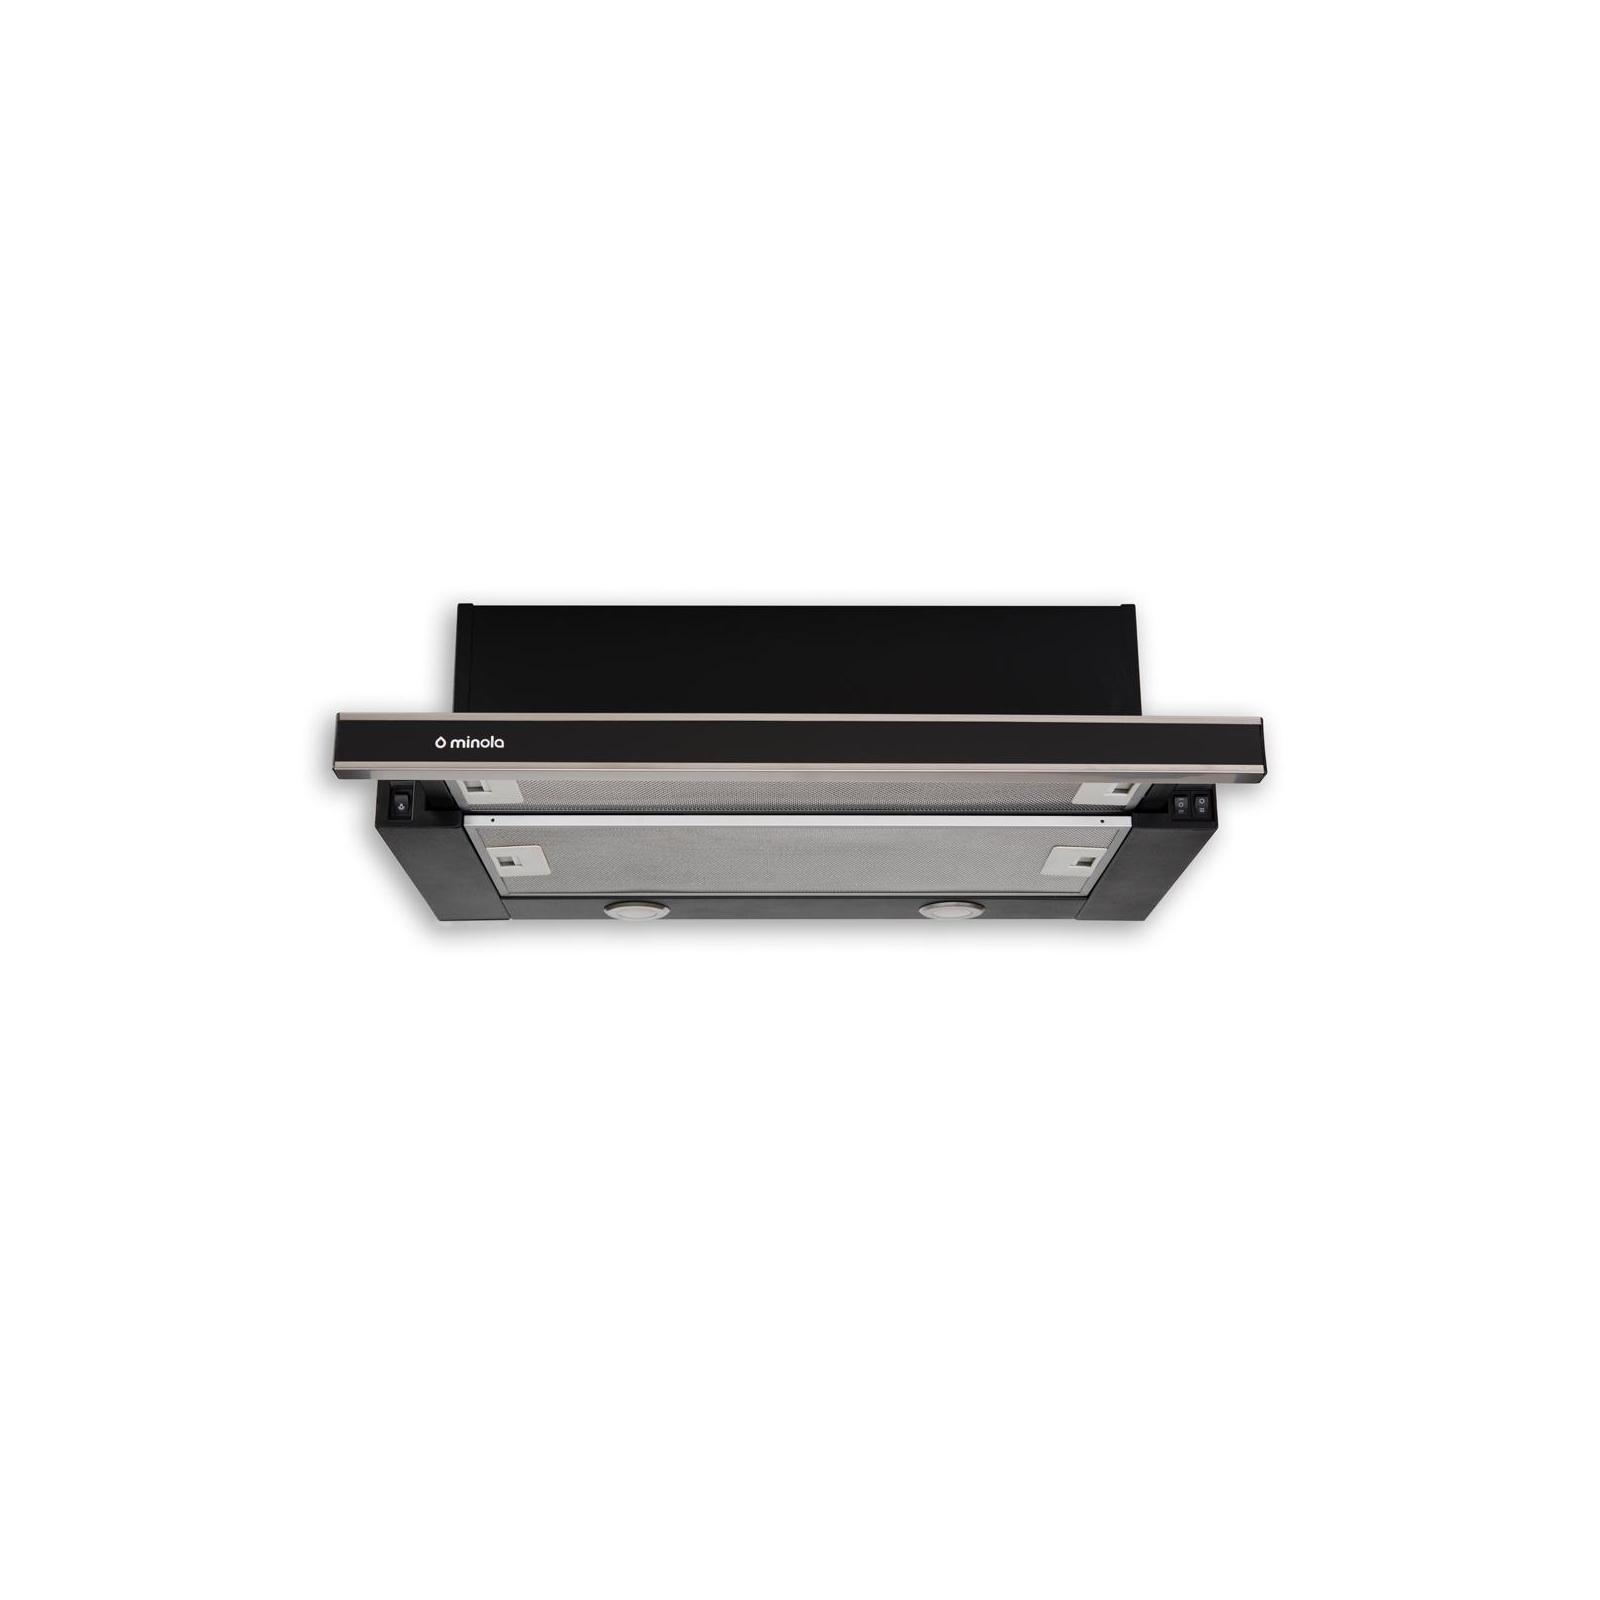 Вытяжка кухонная MINOLA HTL 6062 I/BL GLASS 450 LED изображение 2